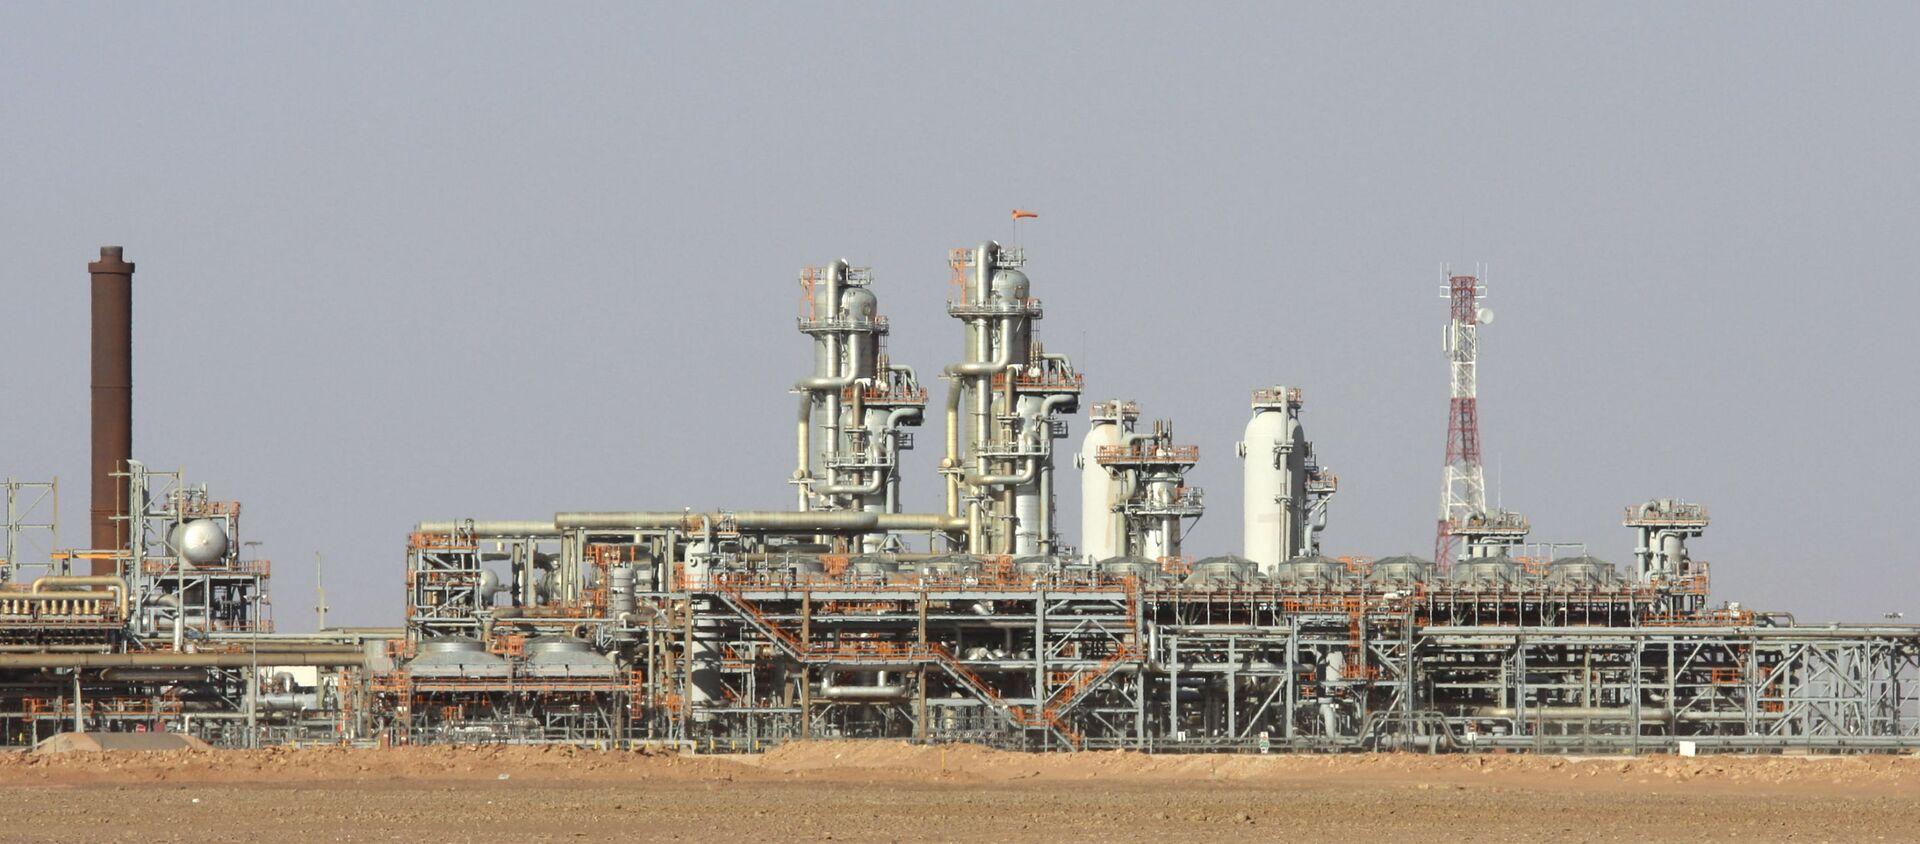 L'usine à gaz de Krechba, dans le Sahara algérien - Sputnik France, 1920, 25.03.2021